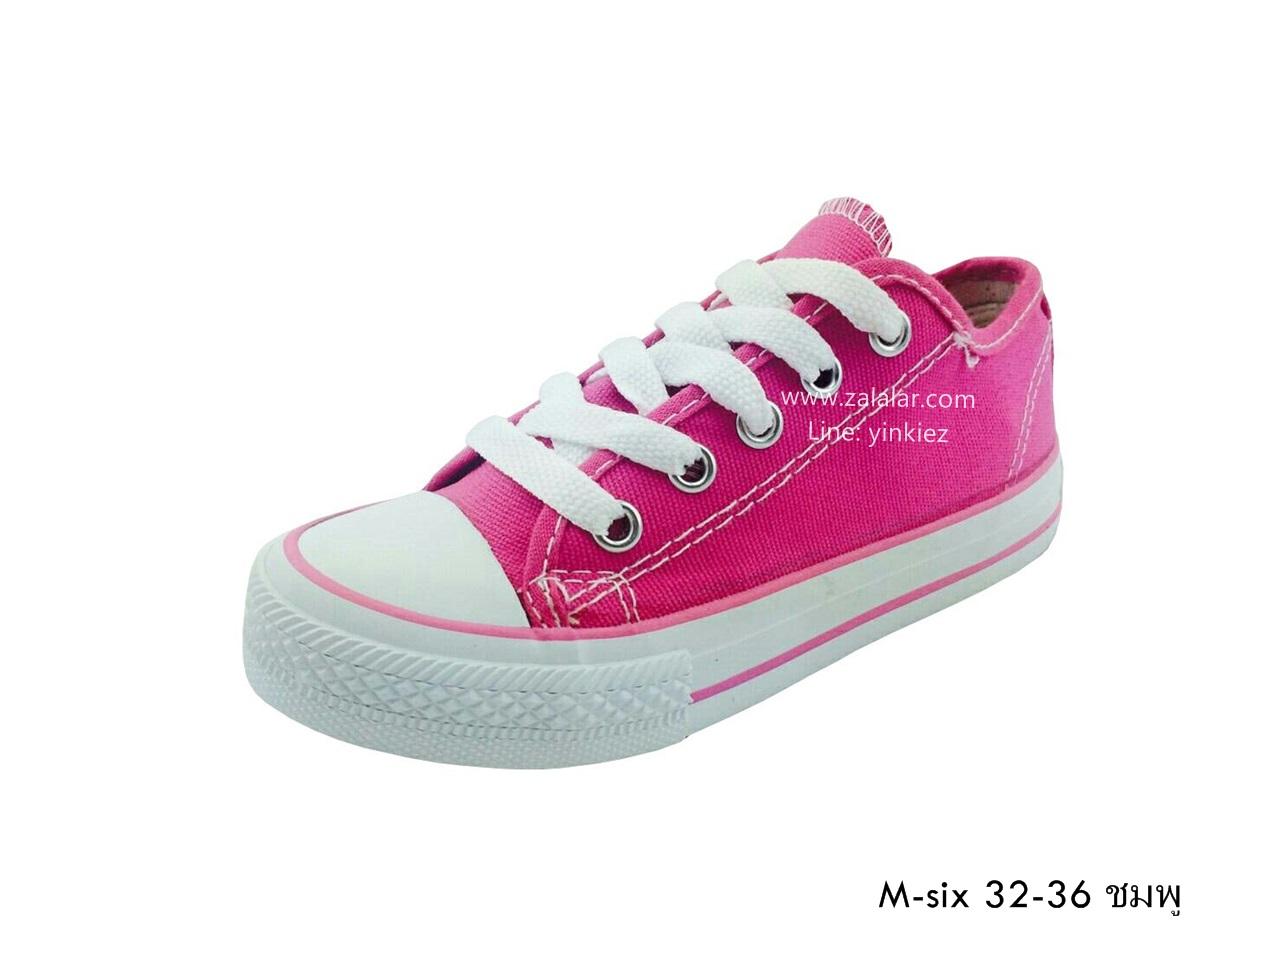 [พร้อมส่ง] รองเท้าผ้าใบเด็กแฟชั่น รุ่น M-six สีชมพู